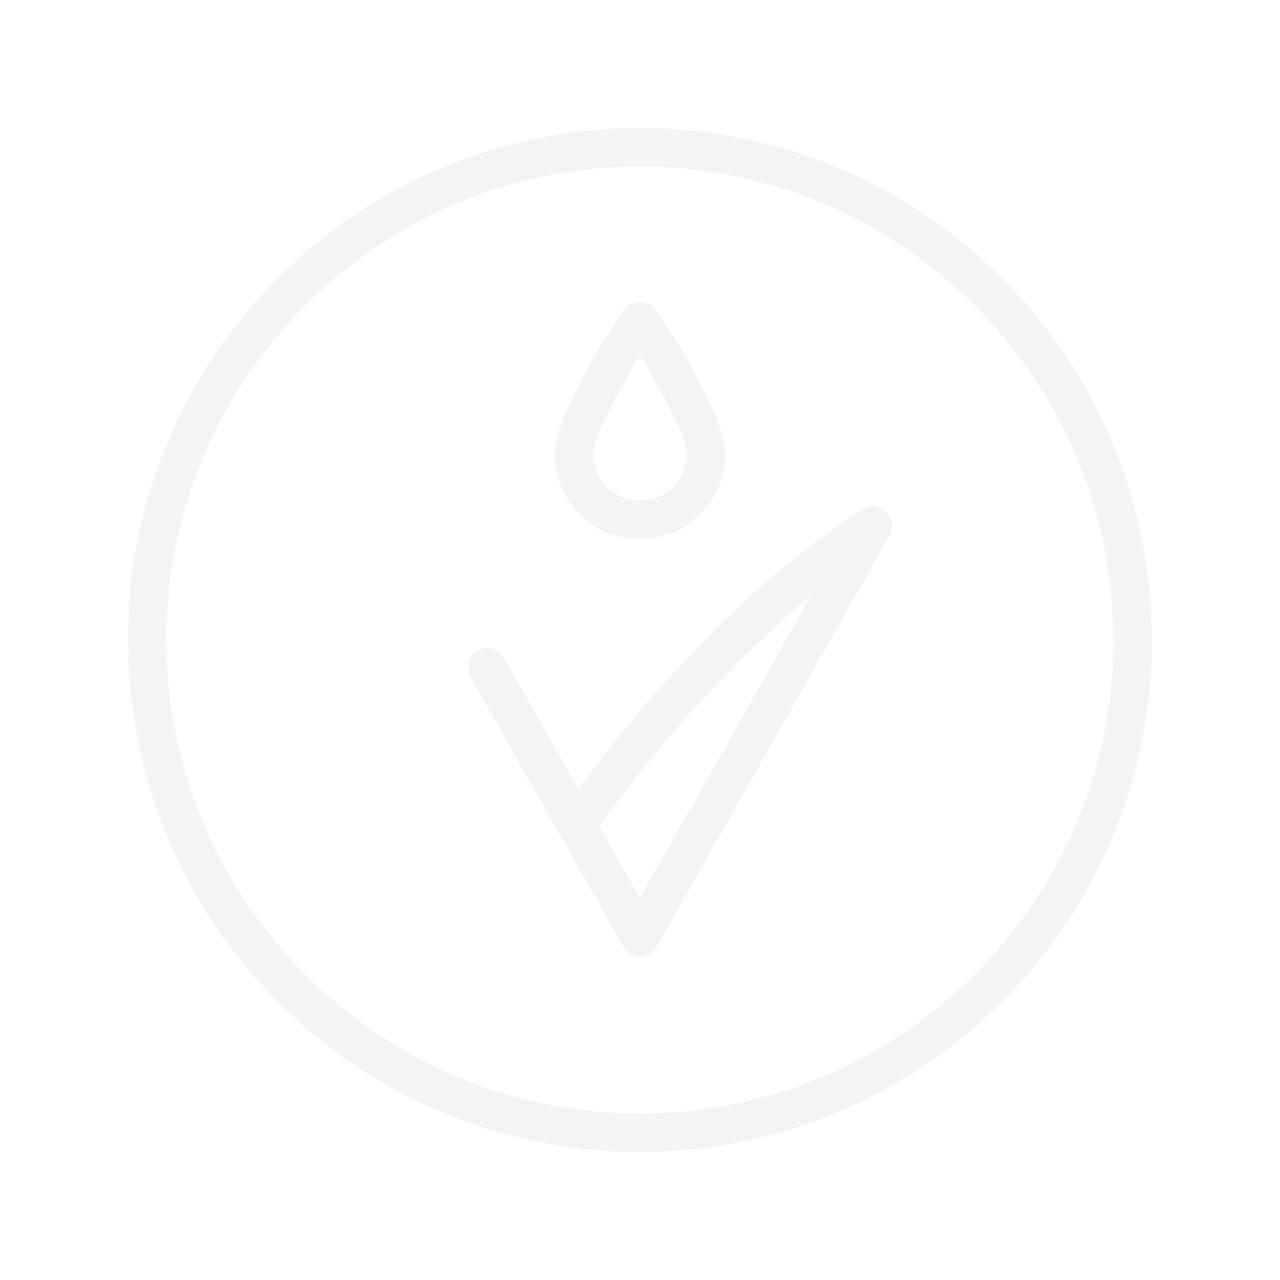 LA ROCHE-POSAY Anthelios Kids Lotion SPF50 250ml